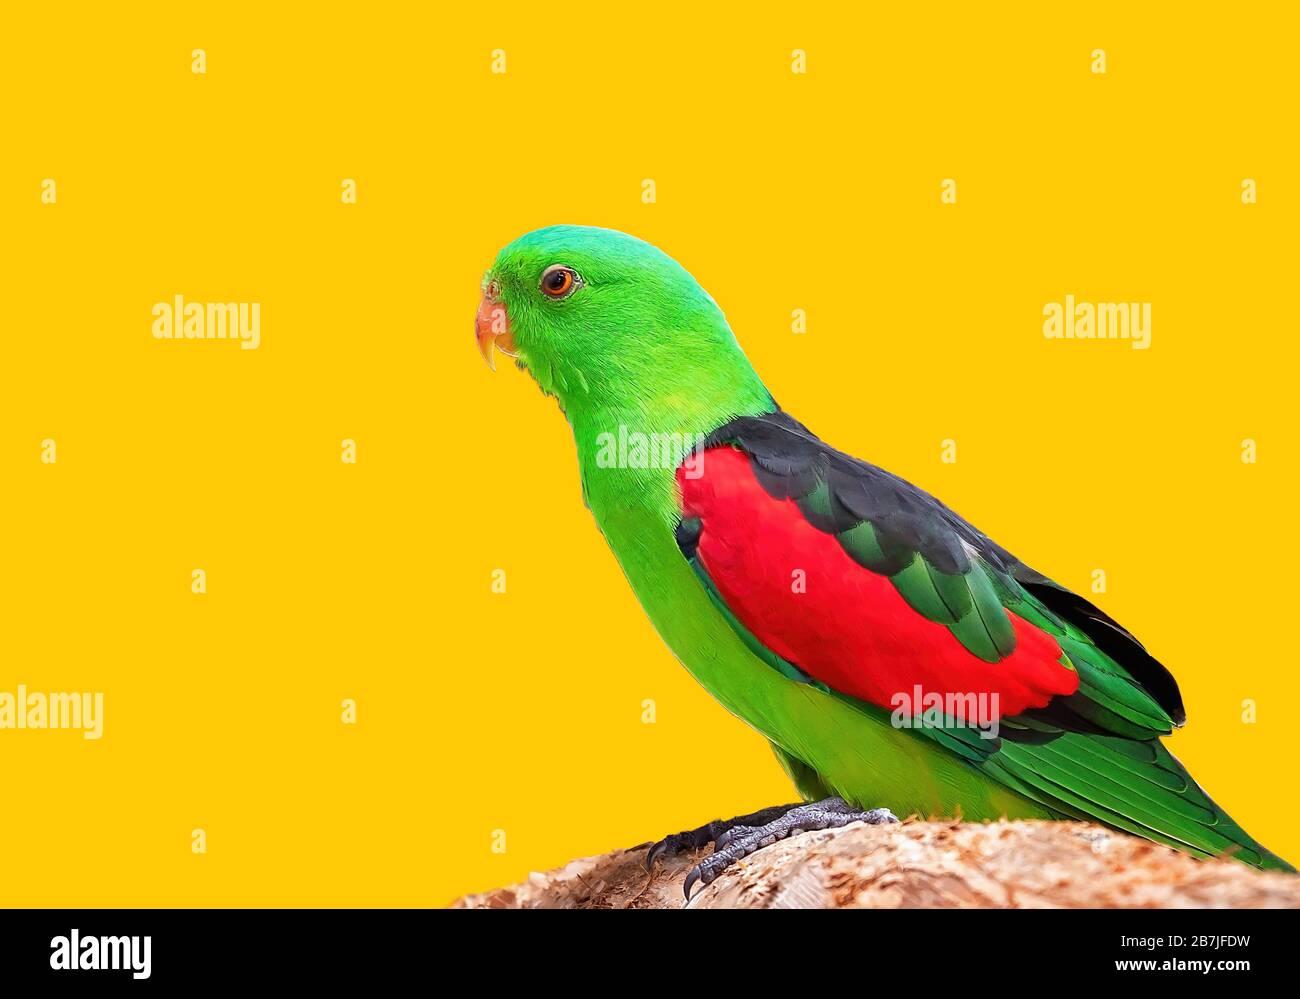 Un perroquet à ailes rouges assis sur une perchaude dans sa cage Banque D'Images